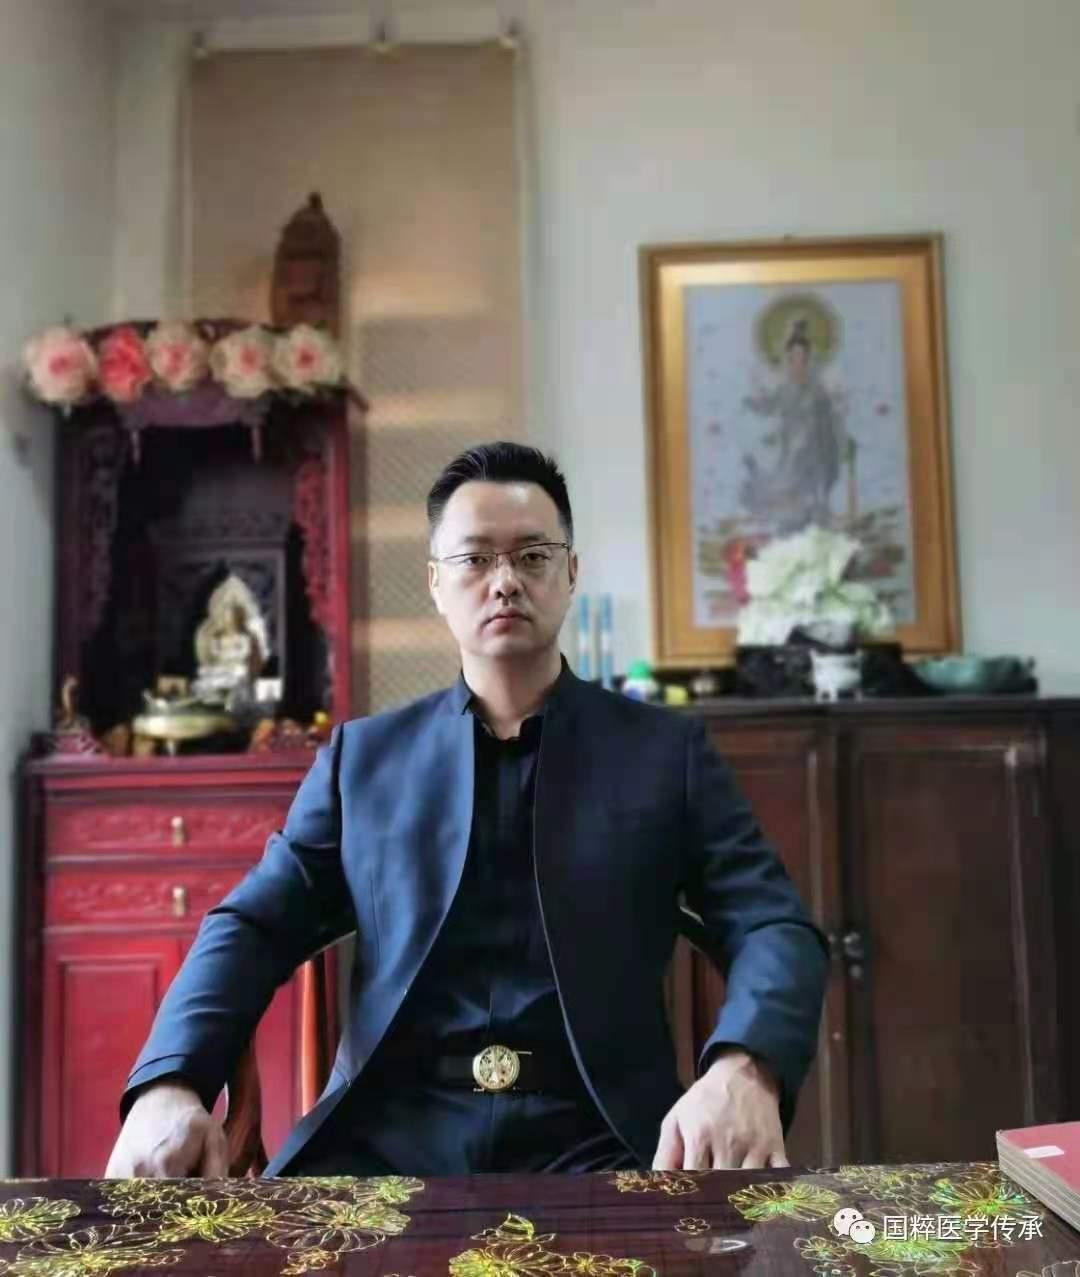 刘金十,多种传统针灸组合疗法培训